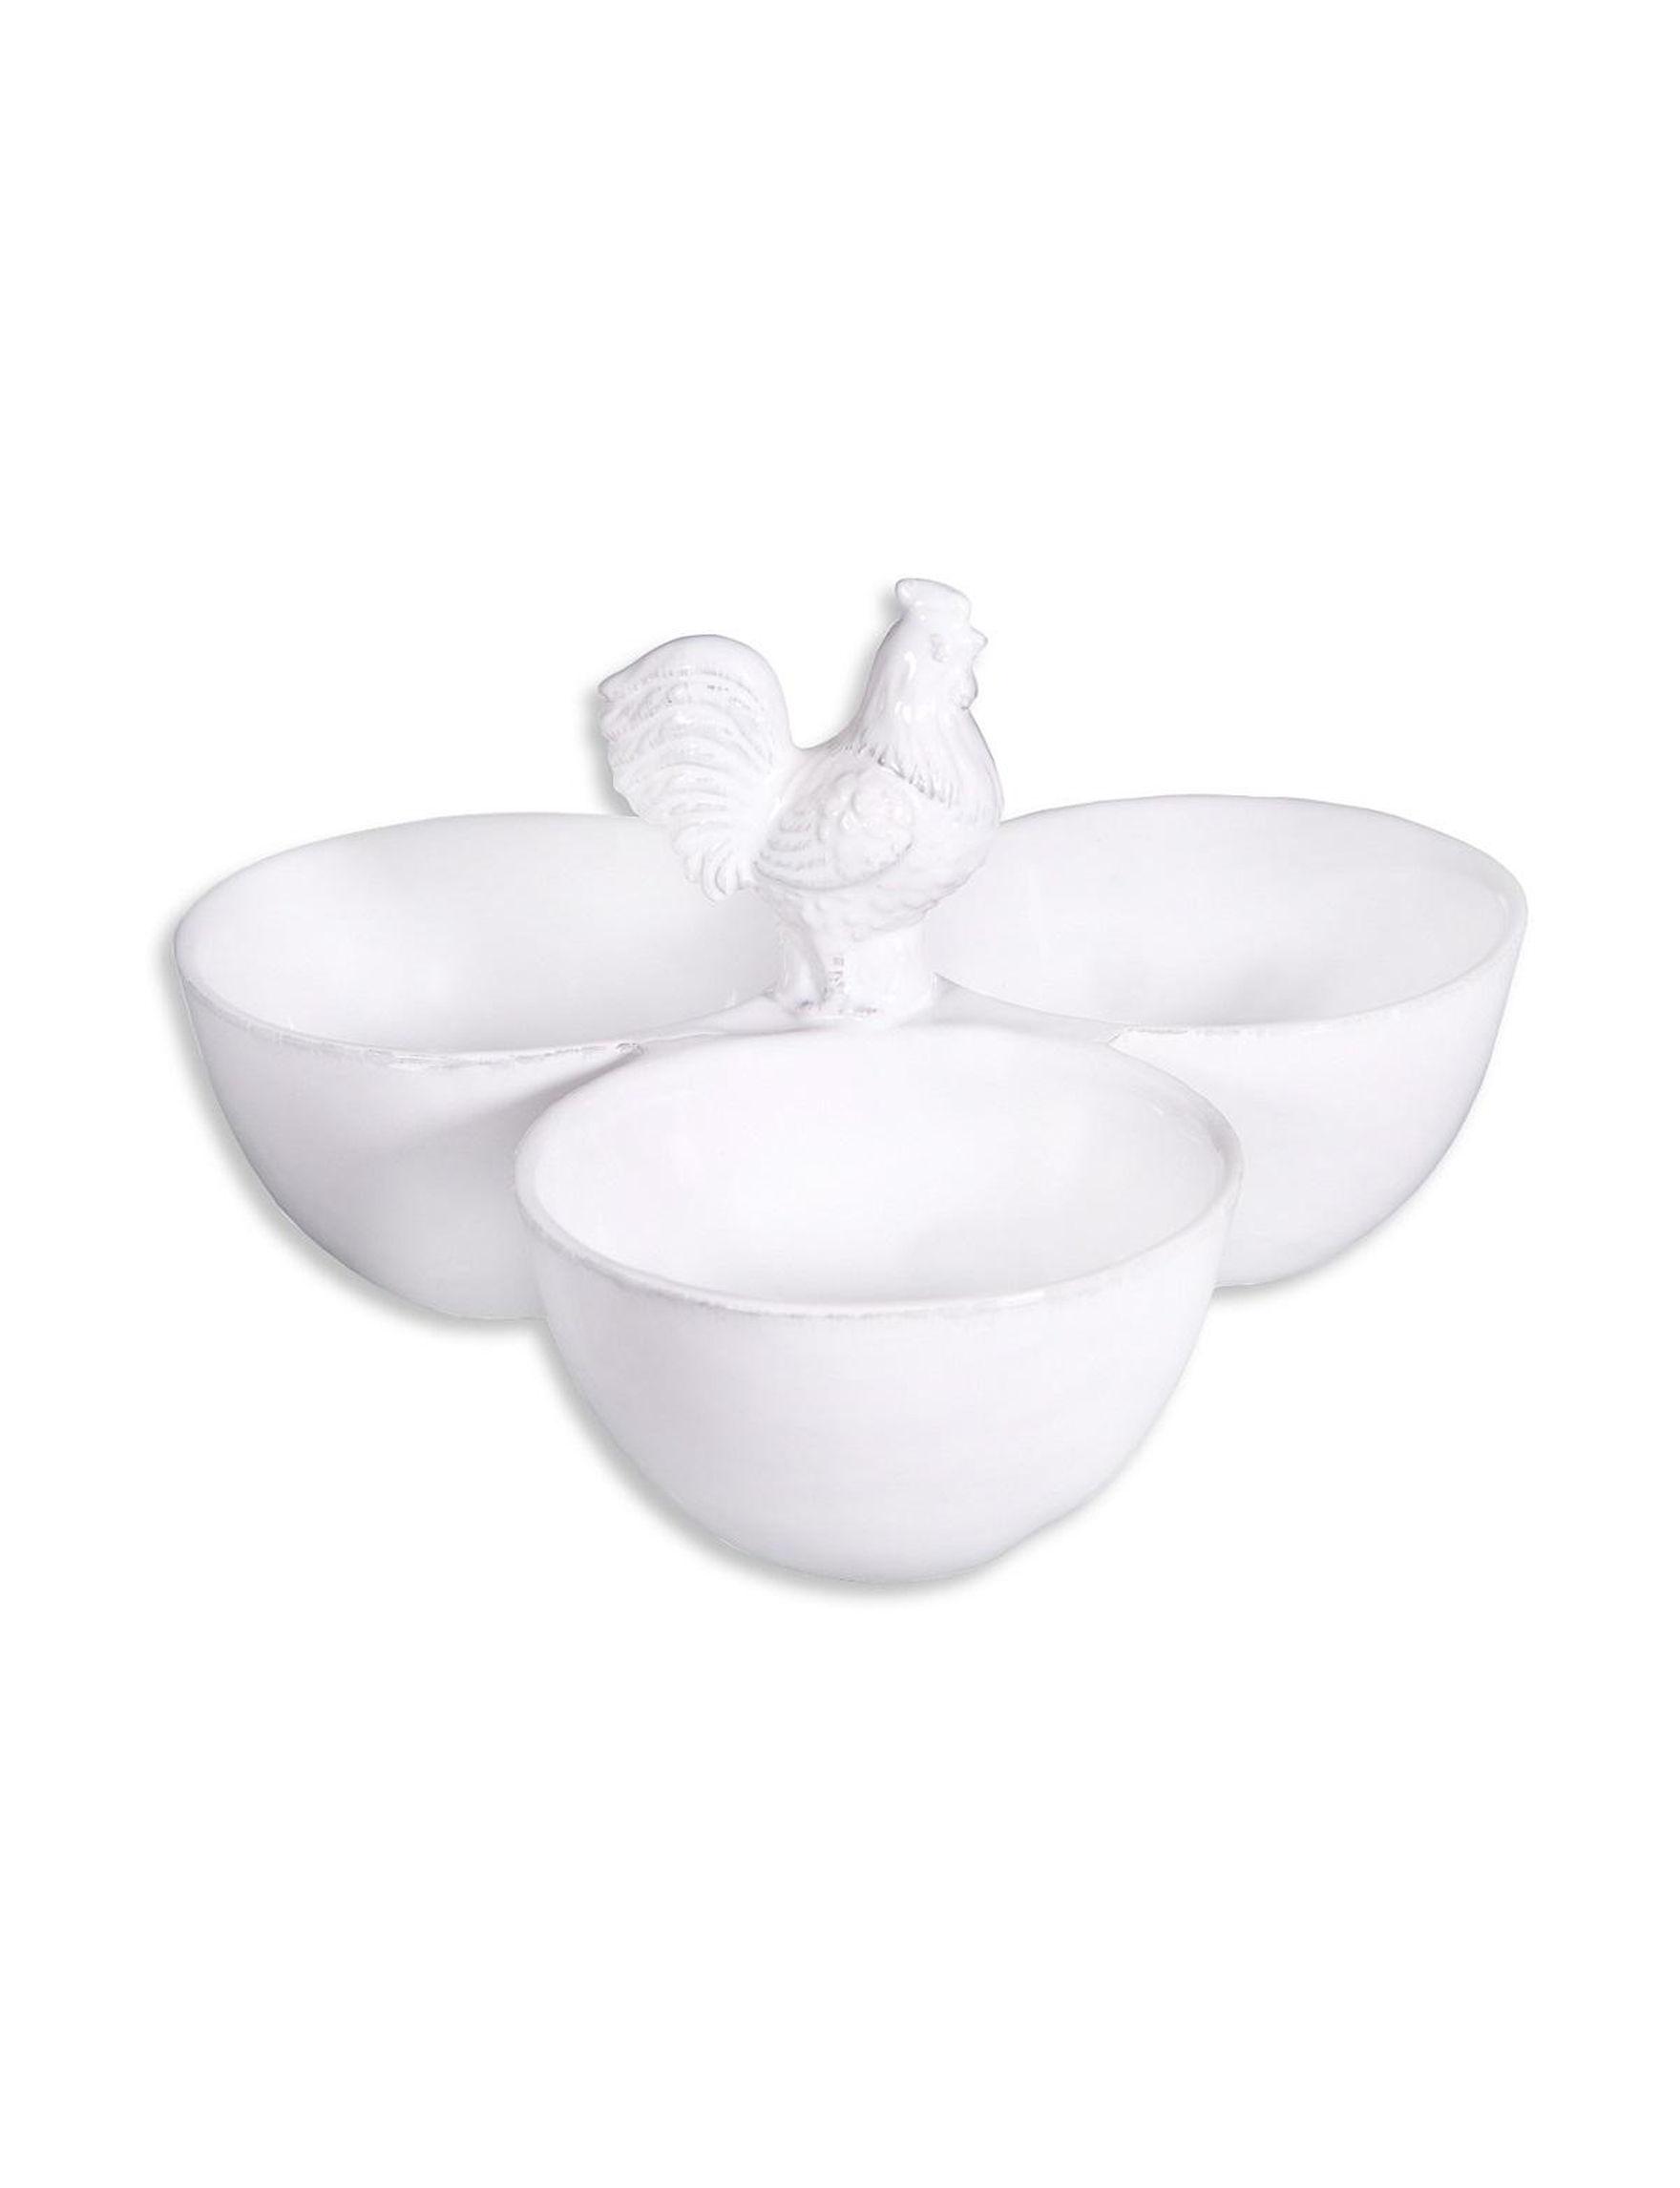 Home Essentials White Serving Bowls Serveware